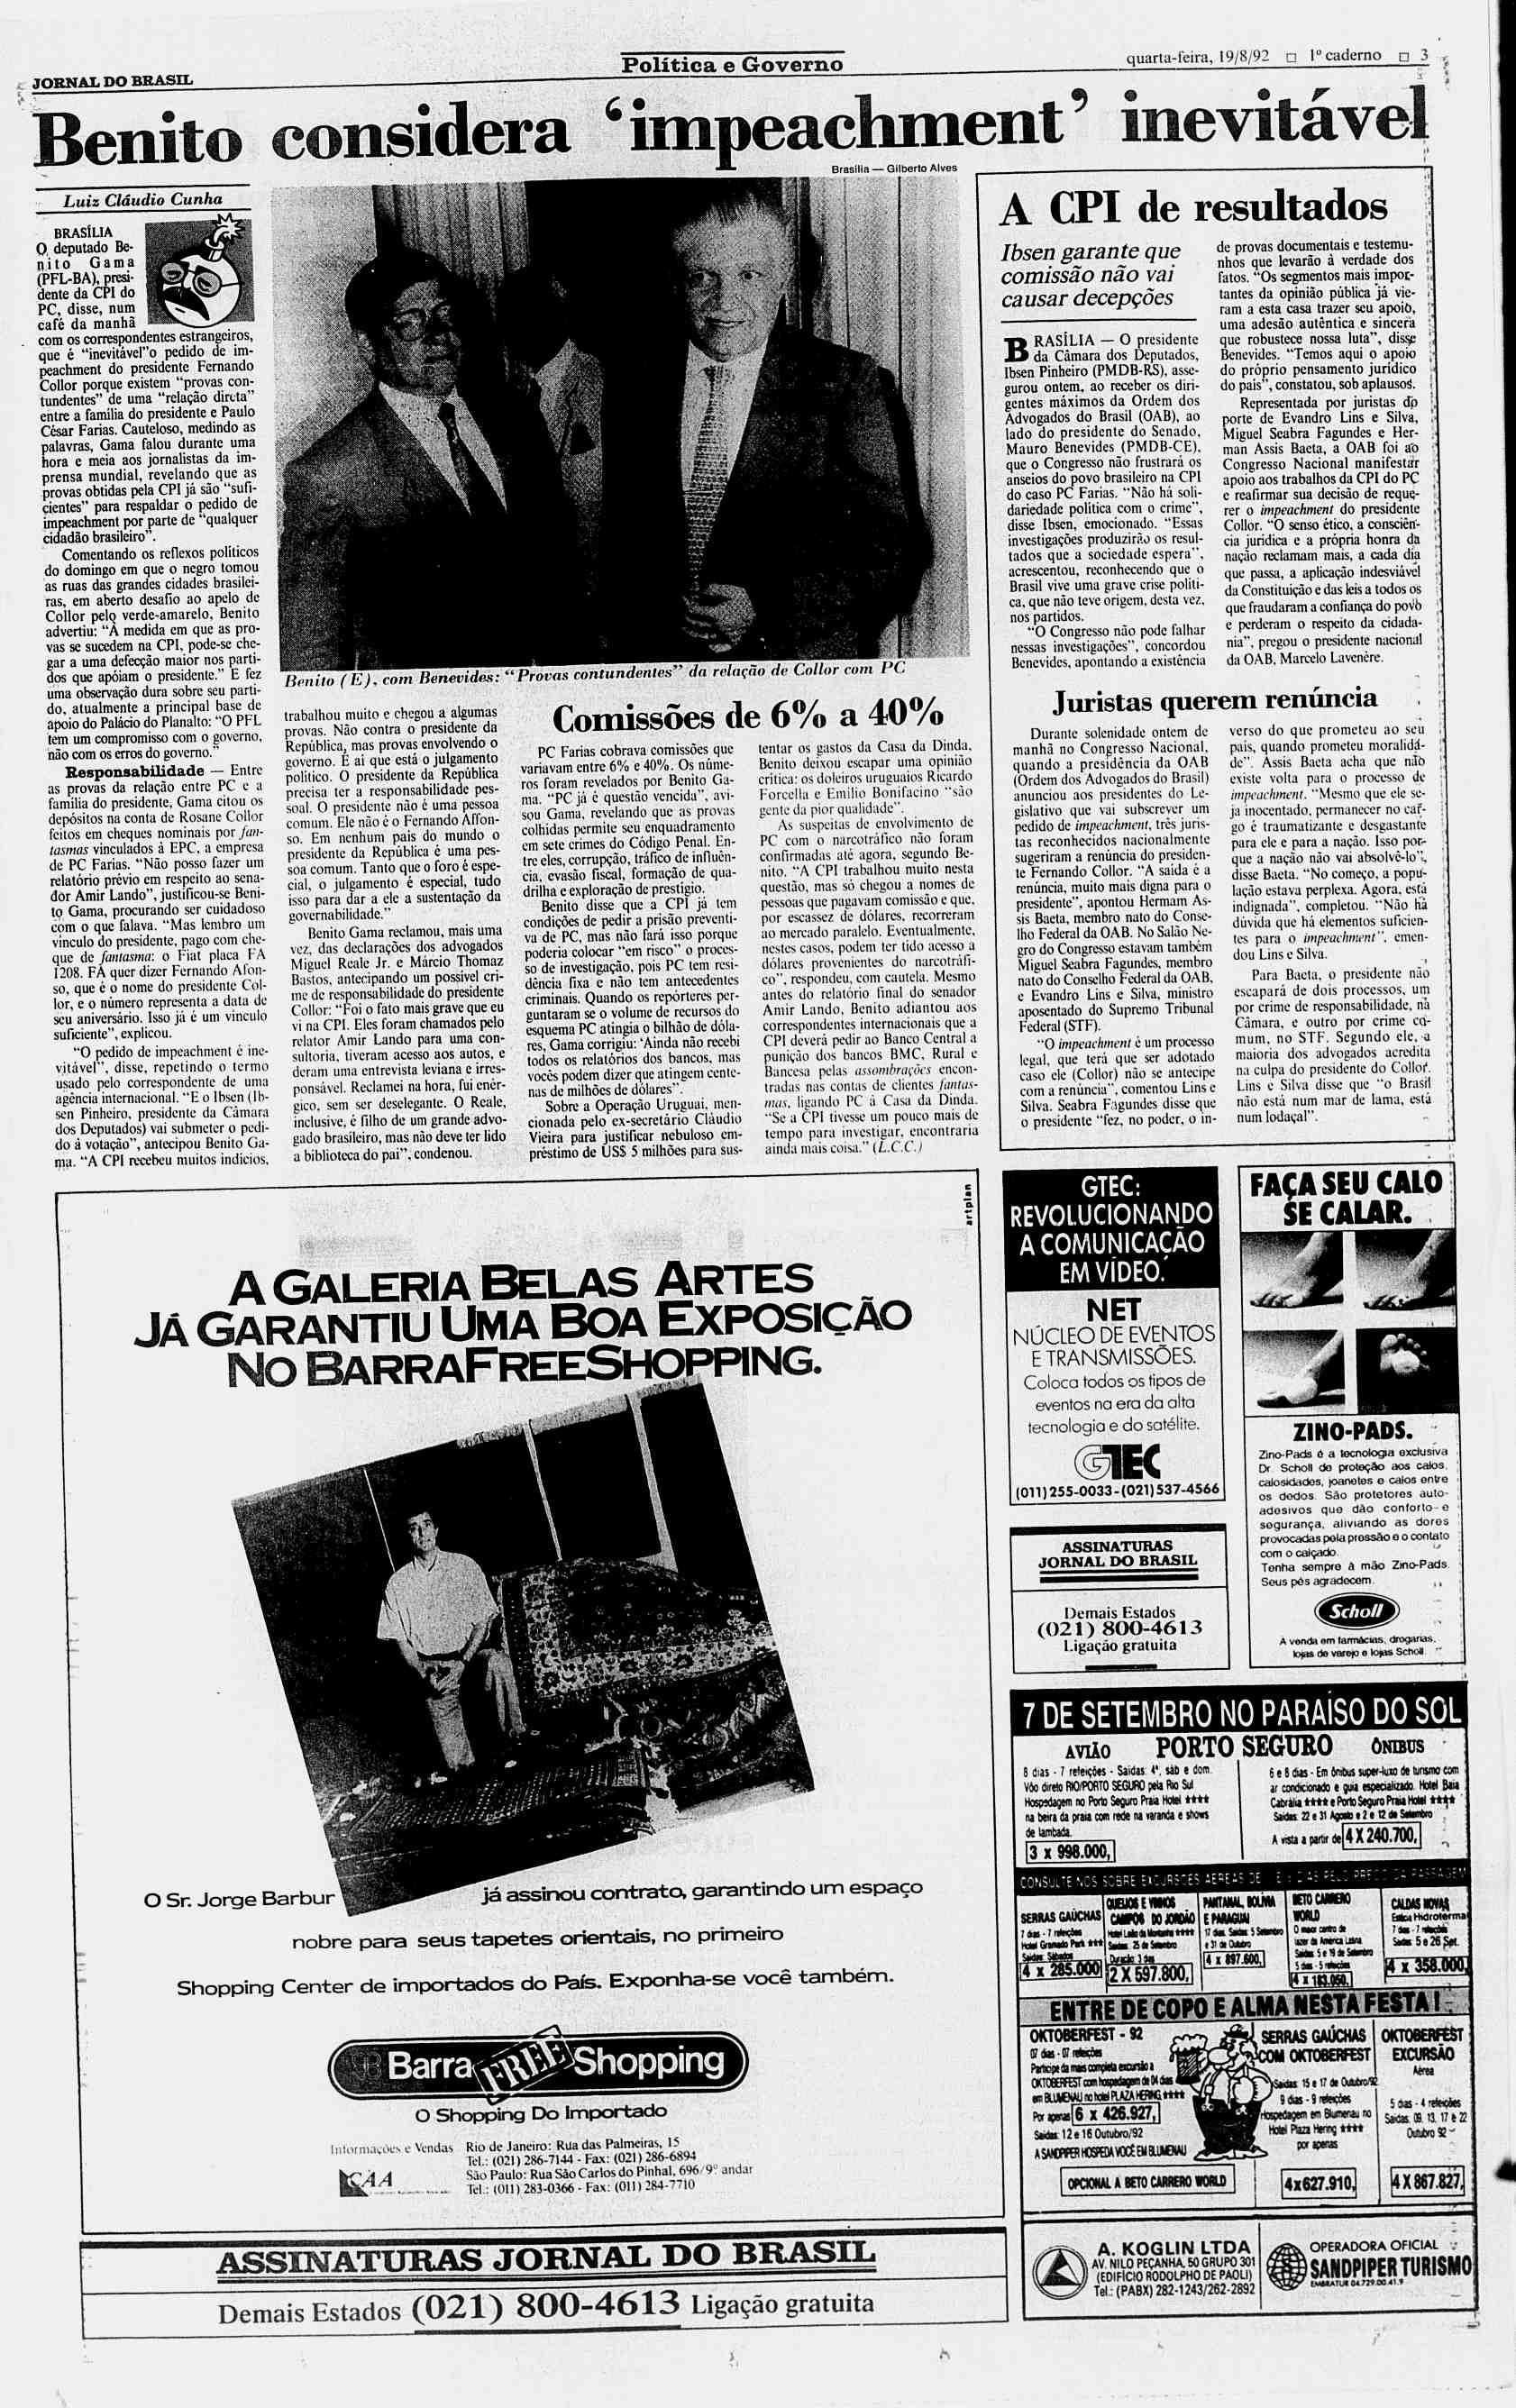 """Poltica e Governo quarta feira 19 8 92 1"""" caderno"""